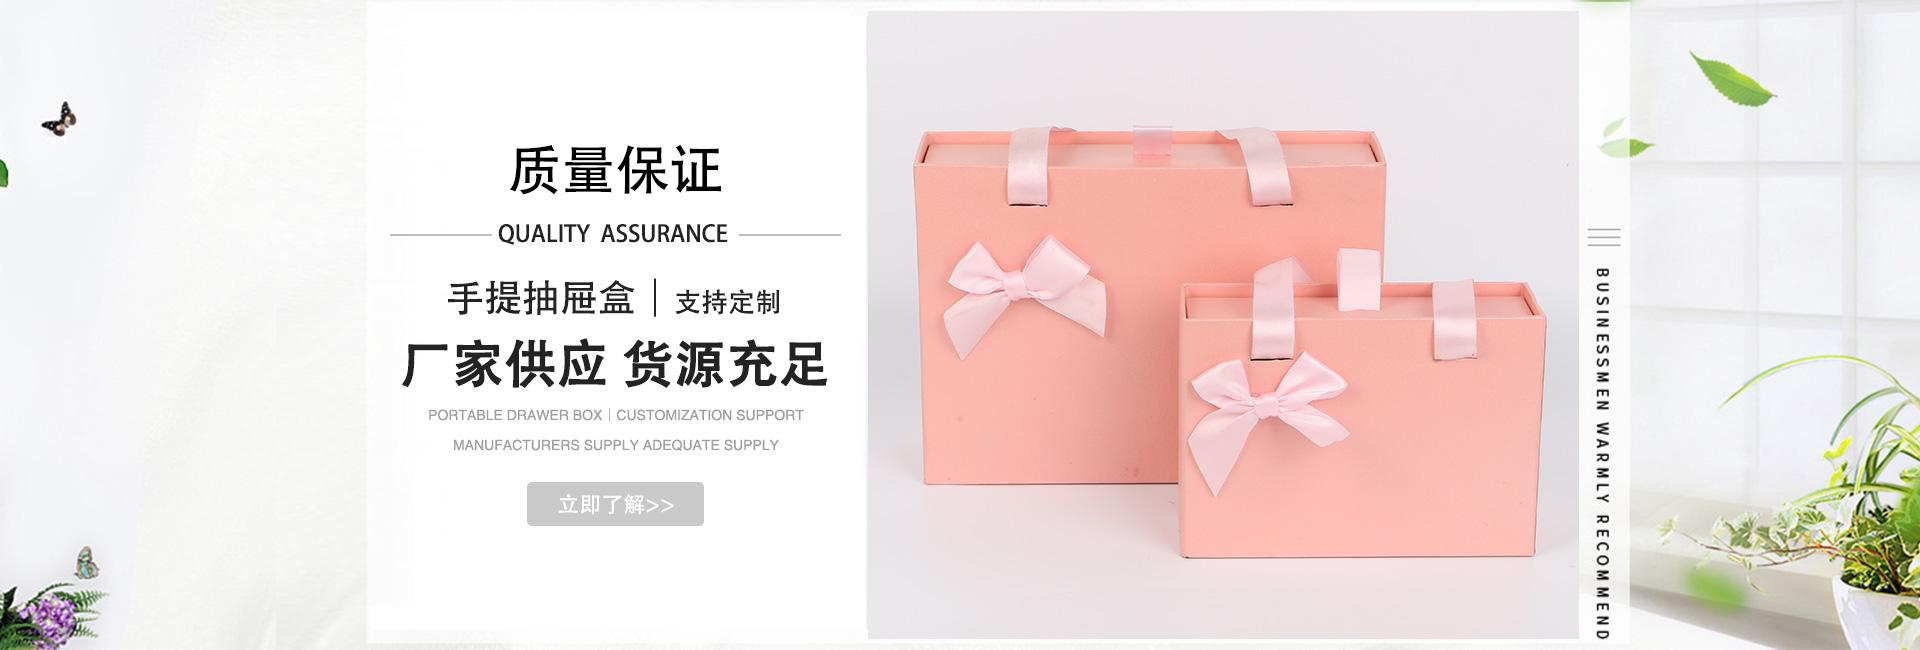 礼品用心,礼盒有型,让包装融入生活!